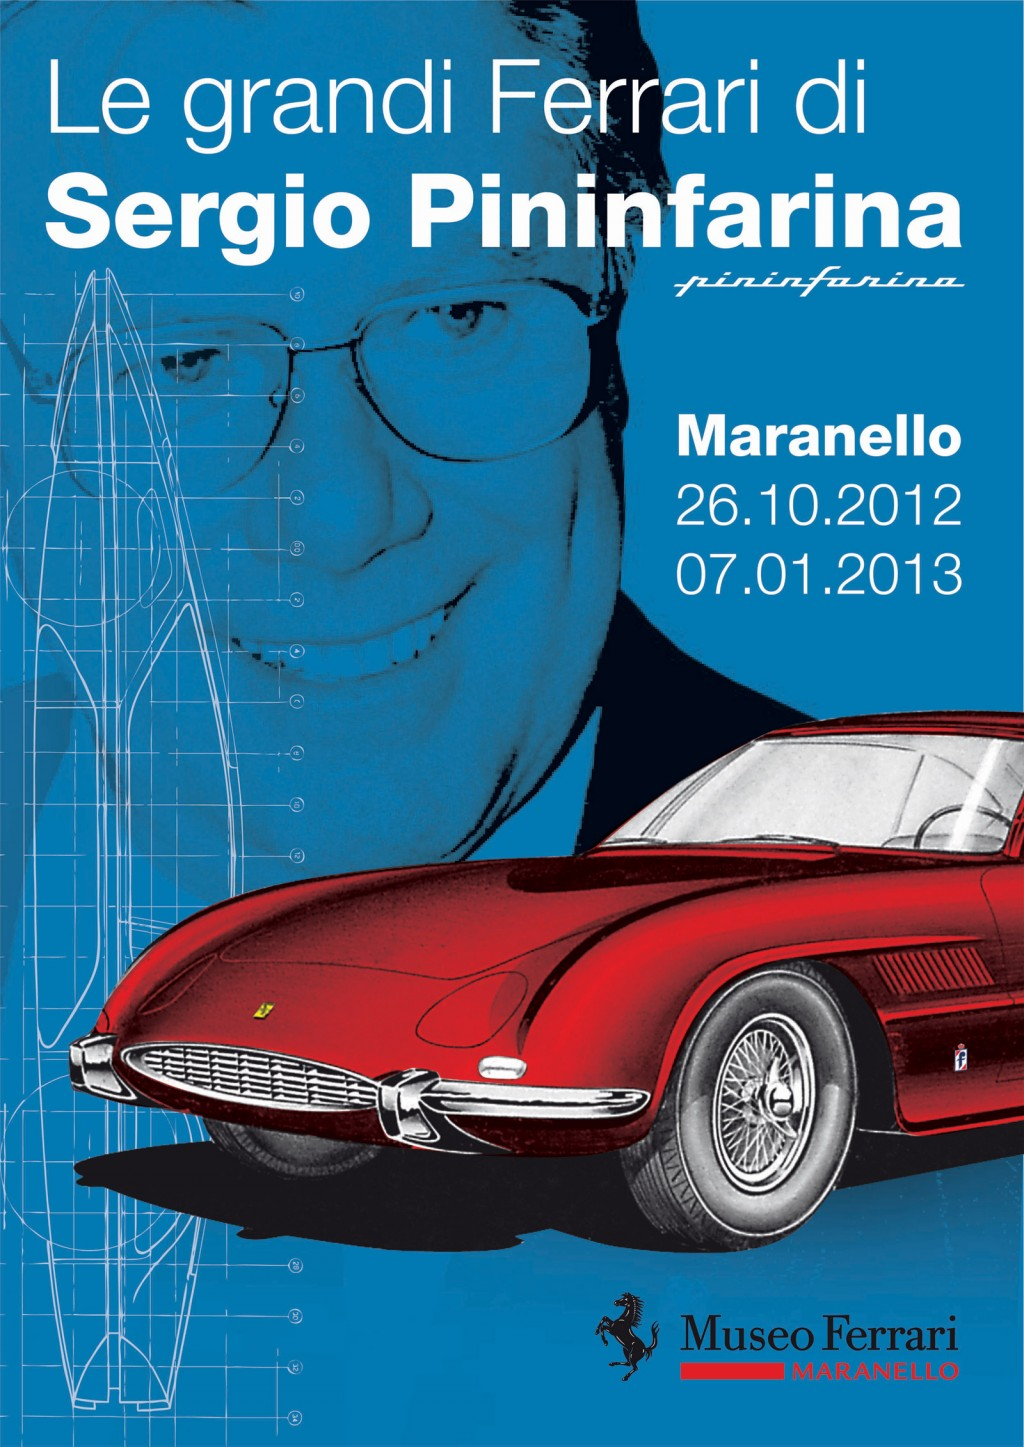 Le grandi Ferrari di Sergio Pininfarina exhibition